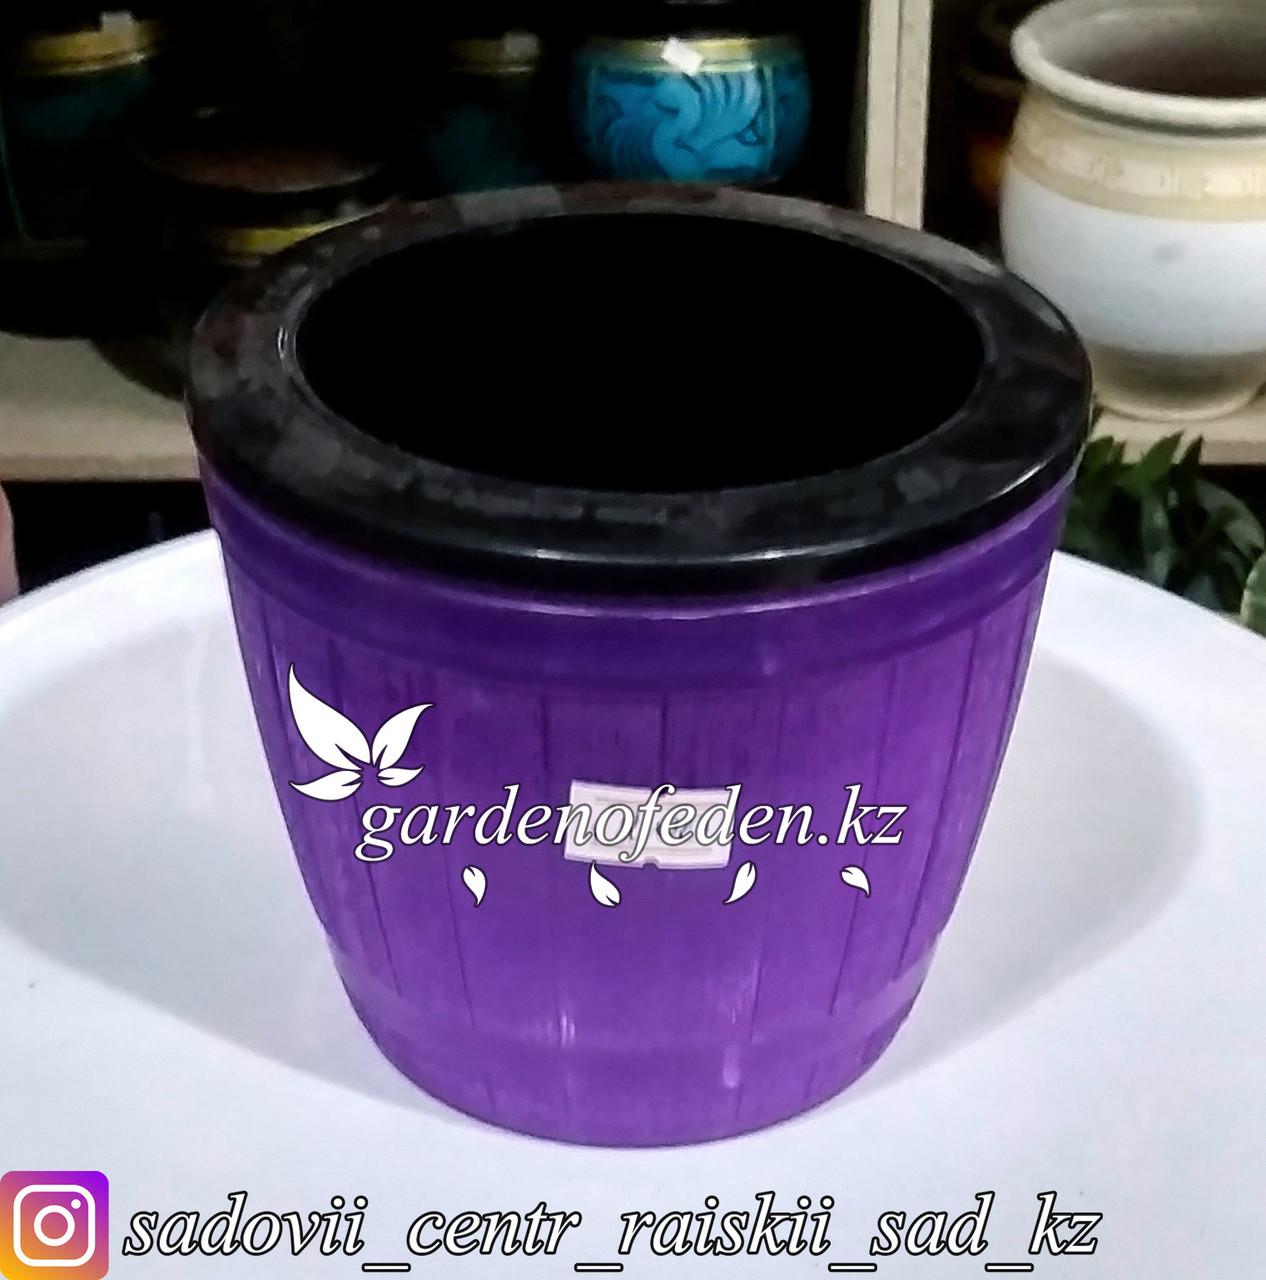 Пластиковое кашпо для цветов с авто (фетильным) поливом. Объем: 0.5л. Цвет: Фиолетовый.